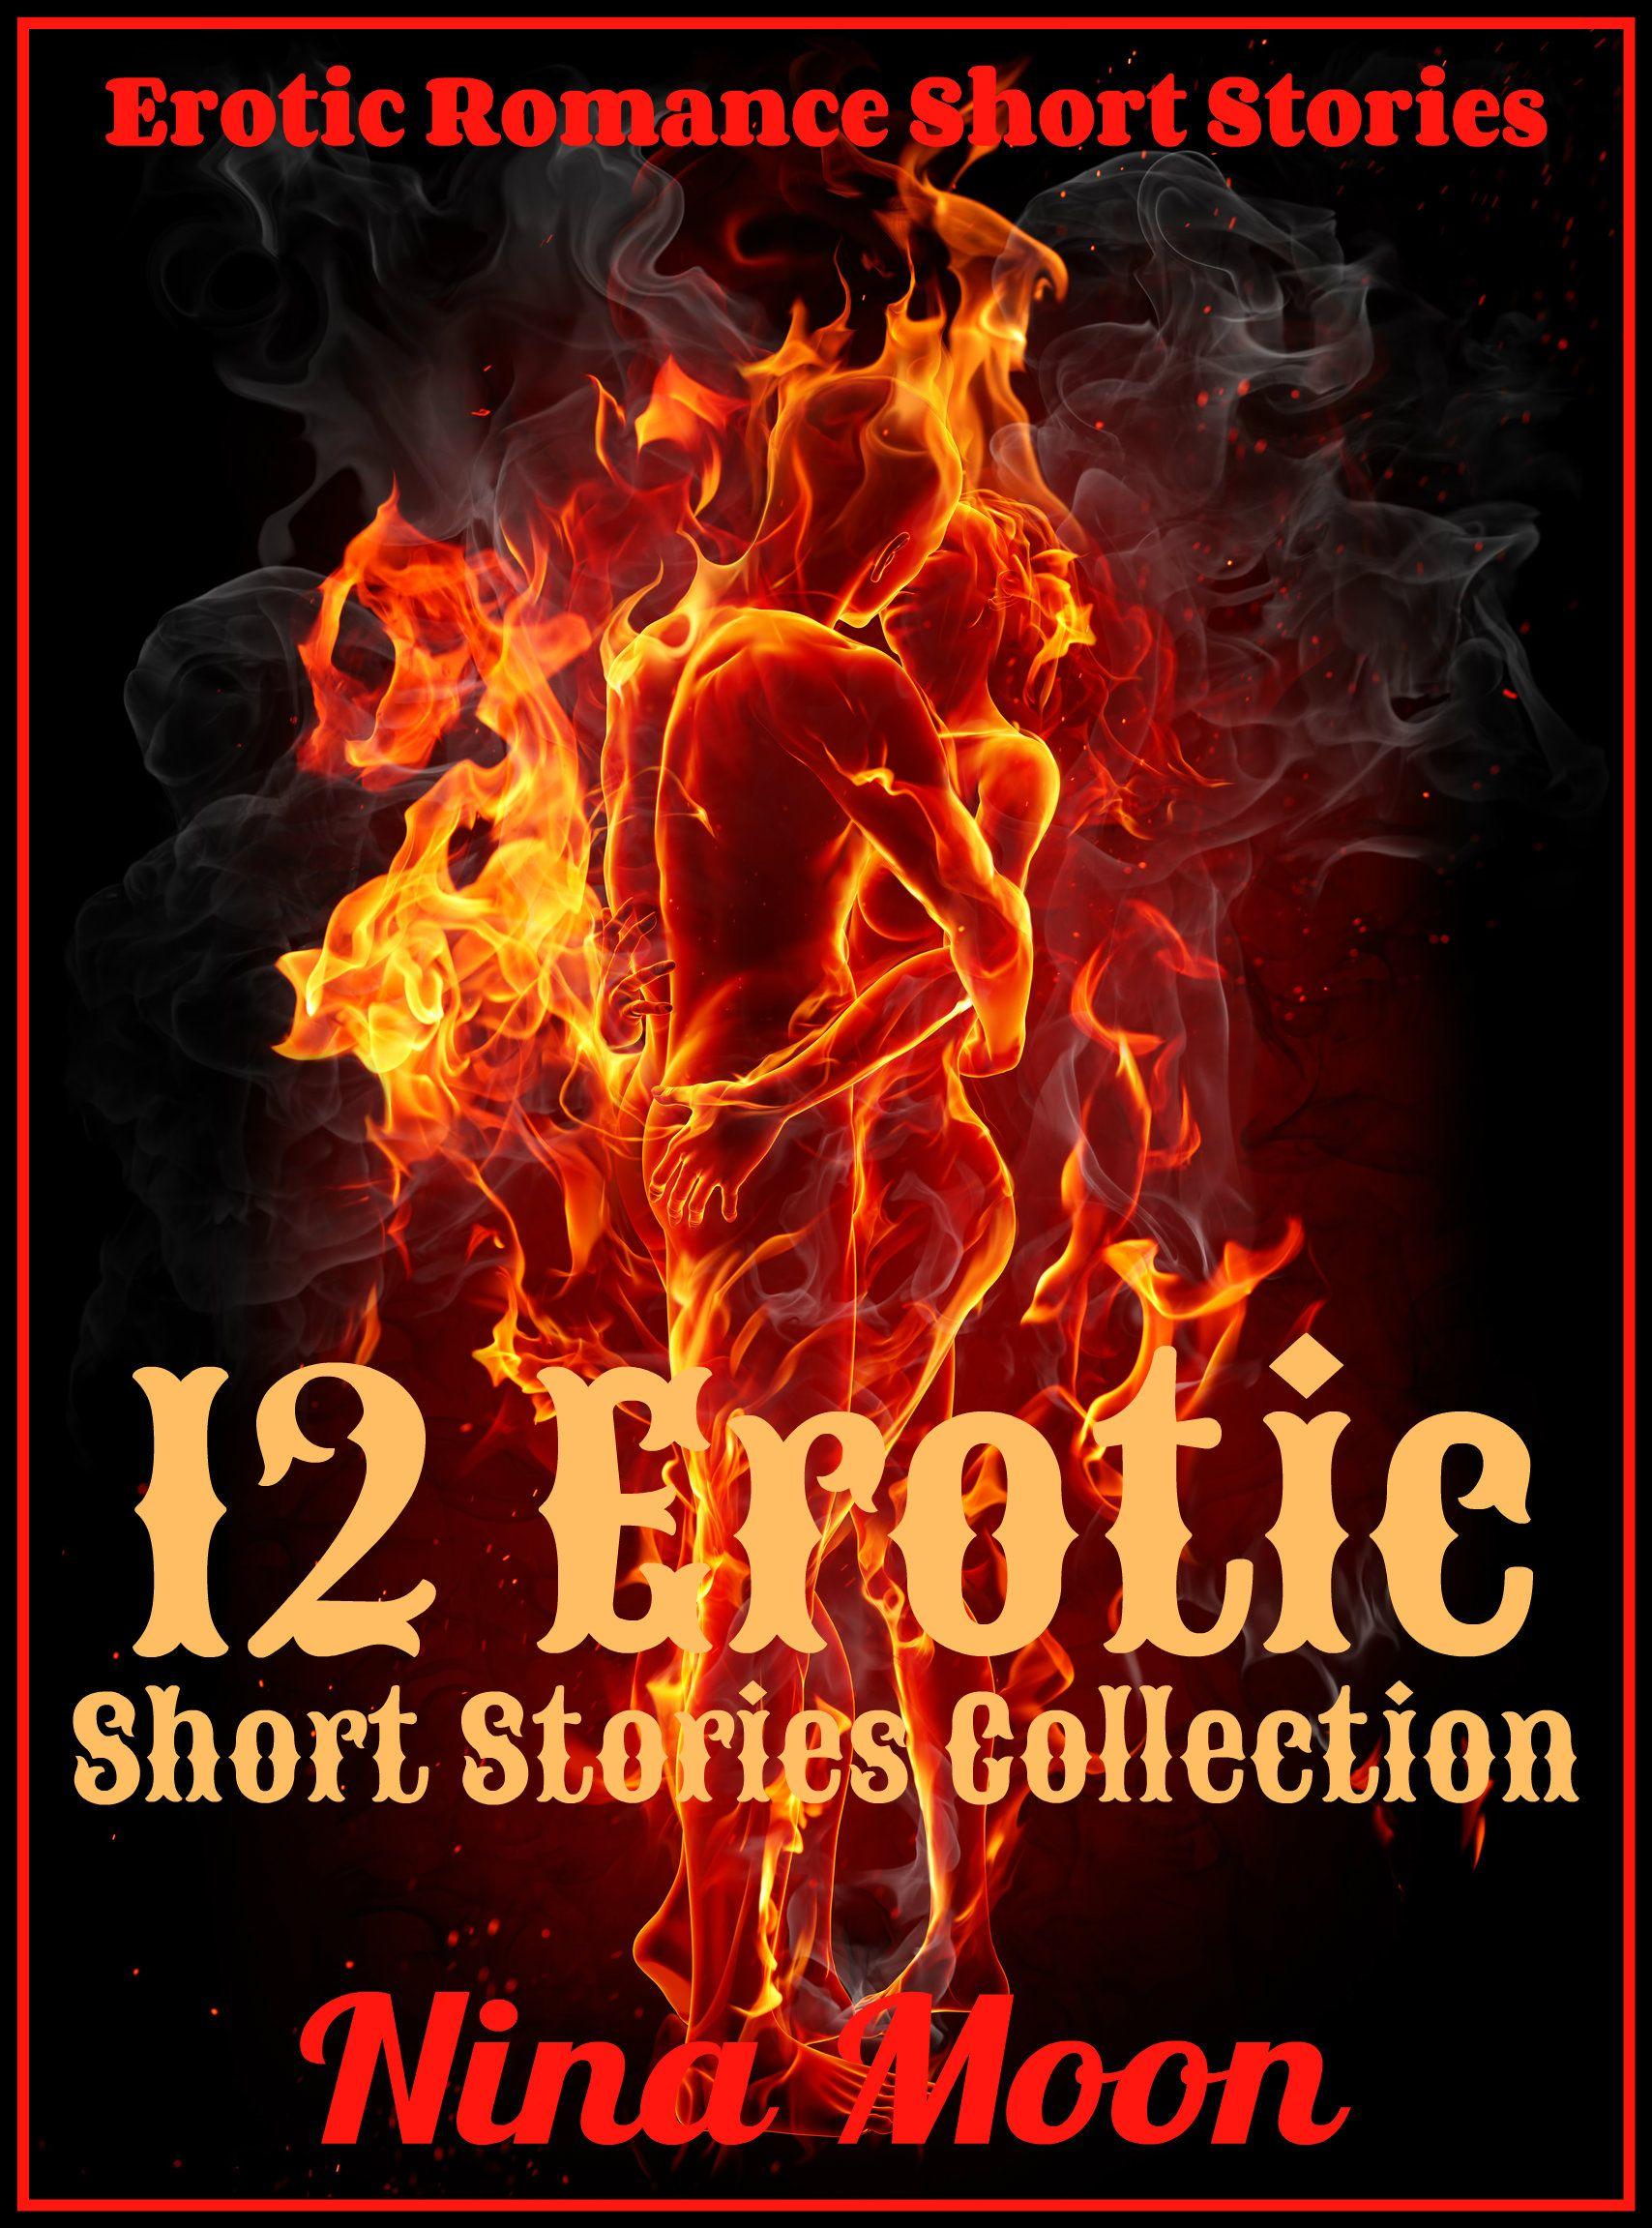 Desi erotic short stories in text